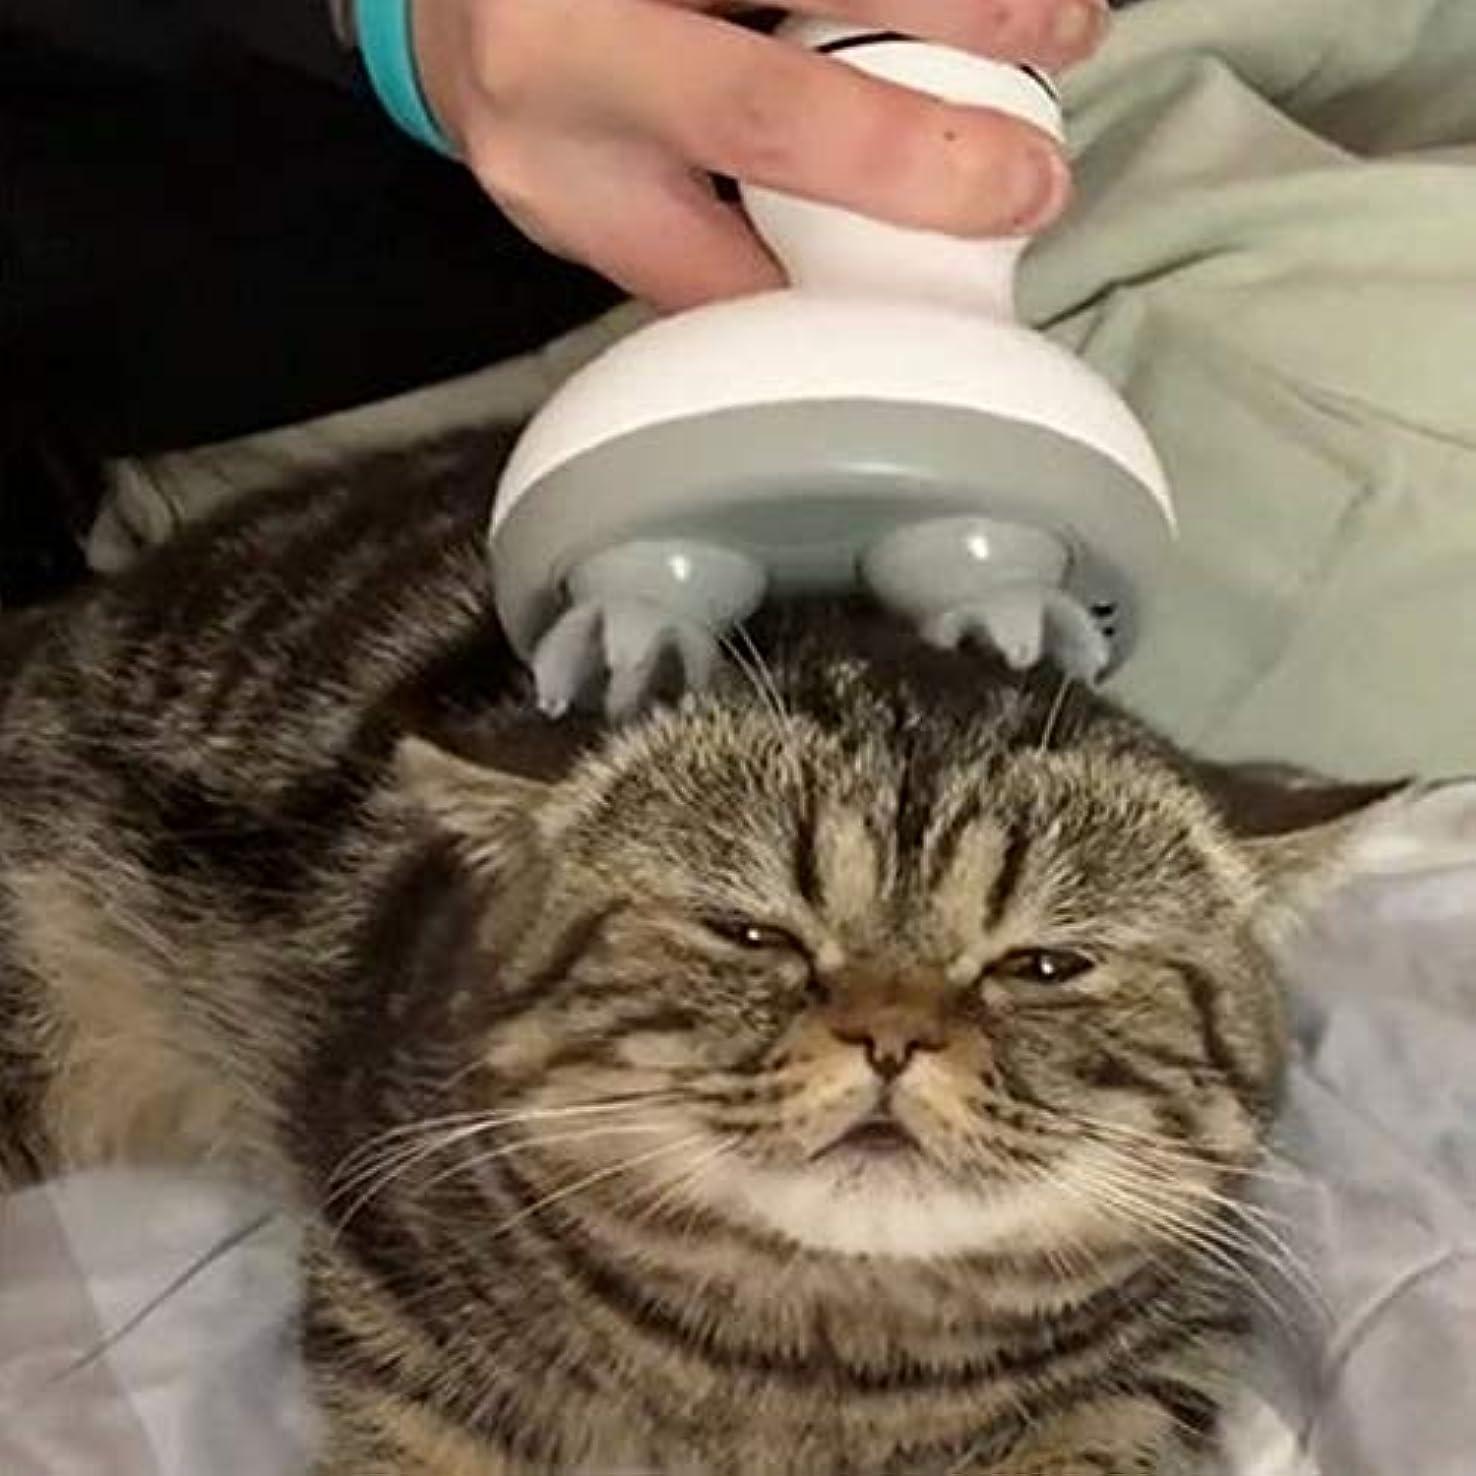 アドバンテージ回想極めて重要なACHICOO ペットマッサージ ヘッド 多機能 電気 足形状 猫